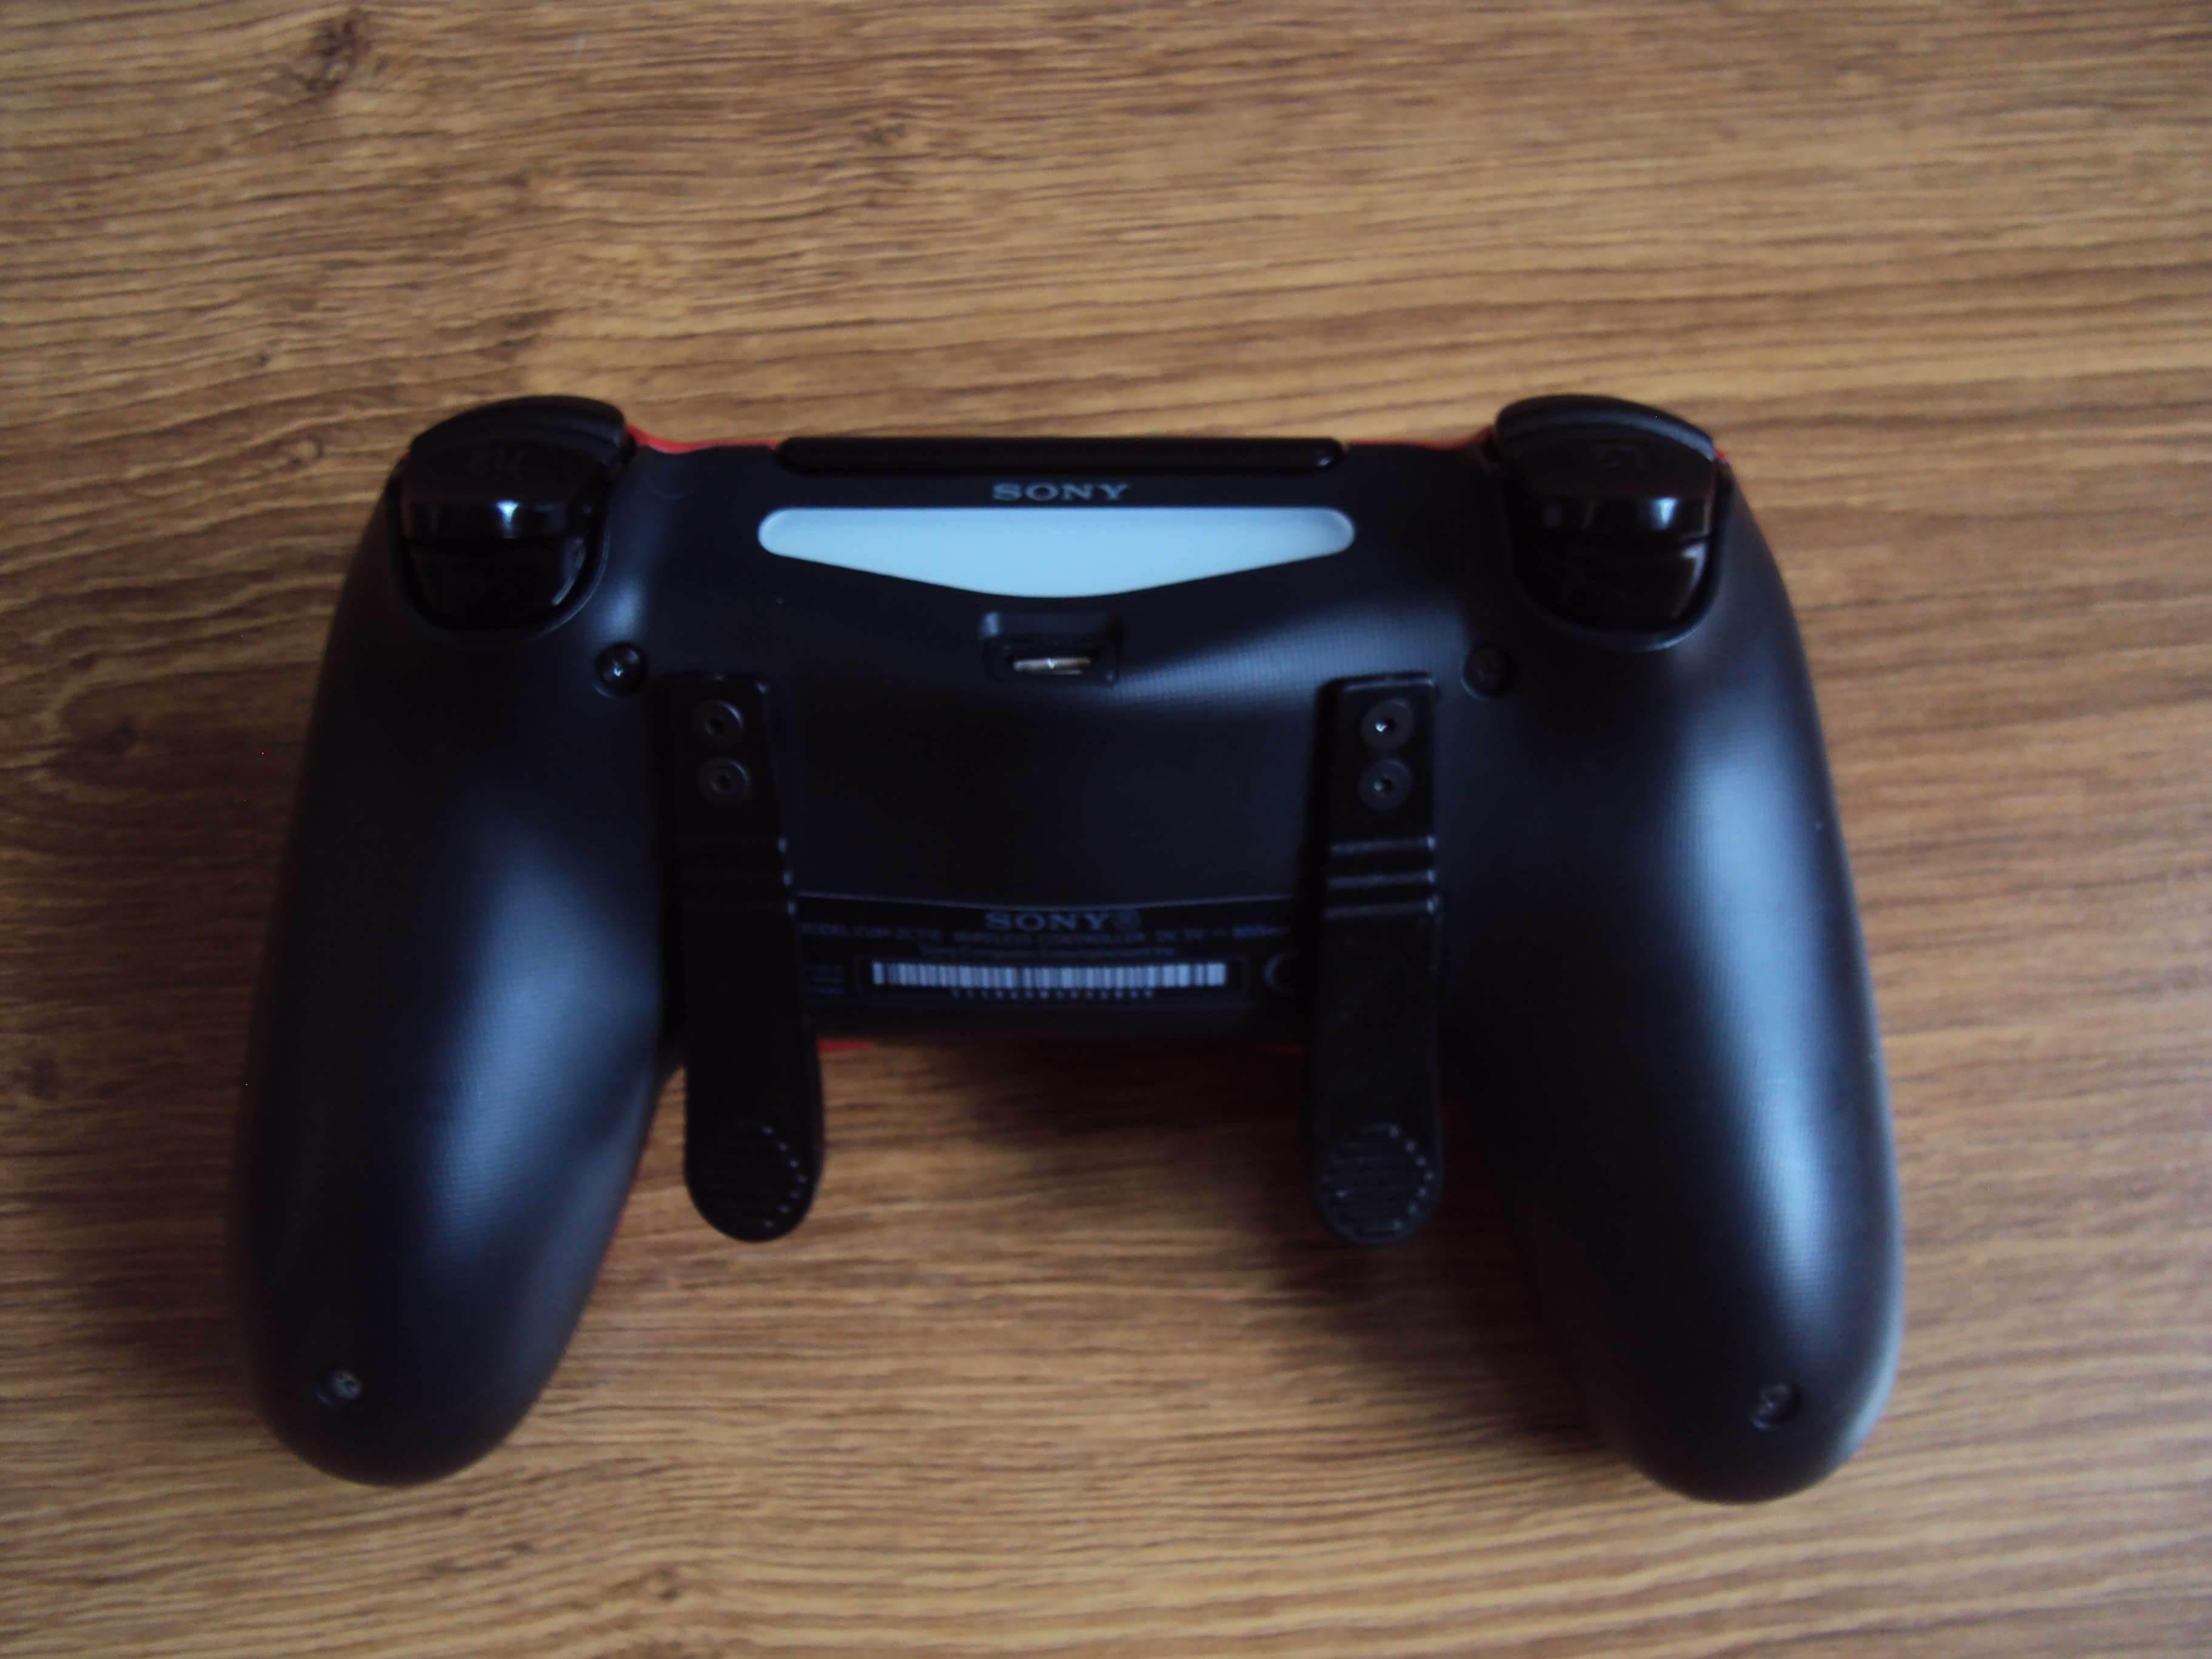 Sony DualShock 4 (ShockControllers) - test i recenzja recenzje, ciekawostki Sony DualShock 4, ShockControllers, Recenzja  Do tej pory moim jedynym niestandardowym kontrolerem (przynajmniej według wyglądu) był DualShock 4 z limitowanej edycji Metal Gear Solid V The Phantom Pain. DSC02656